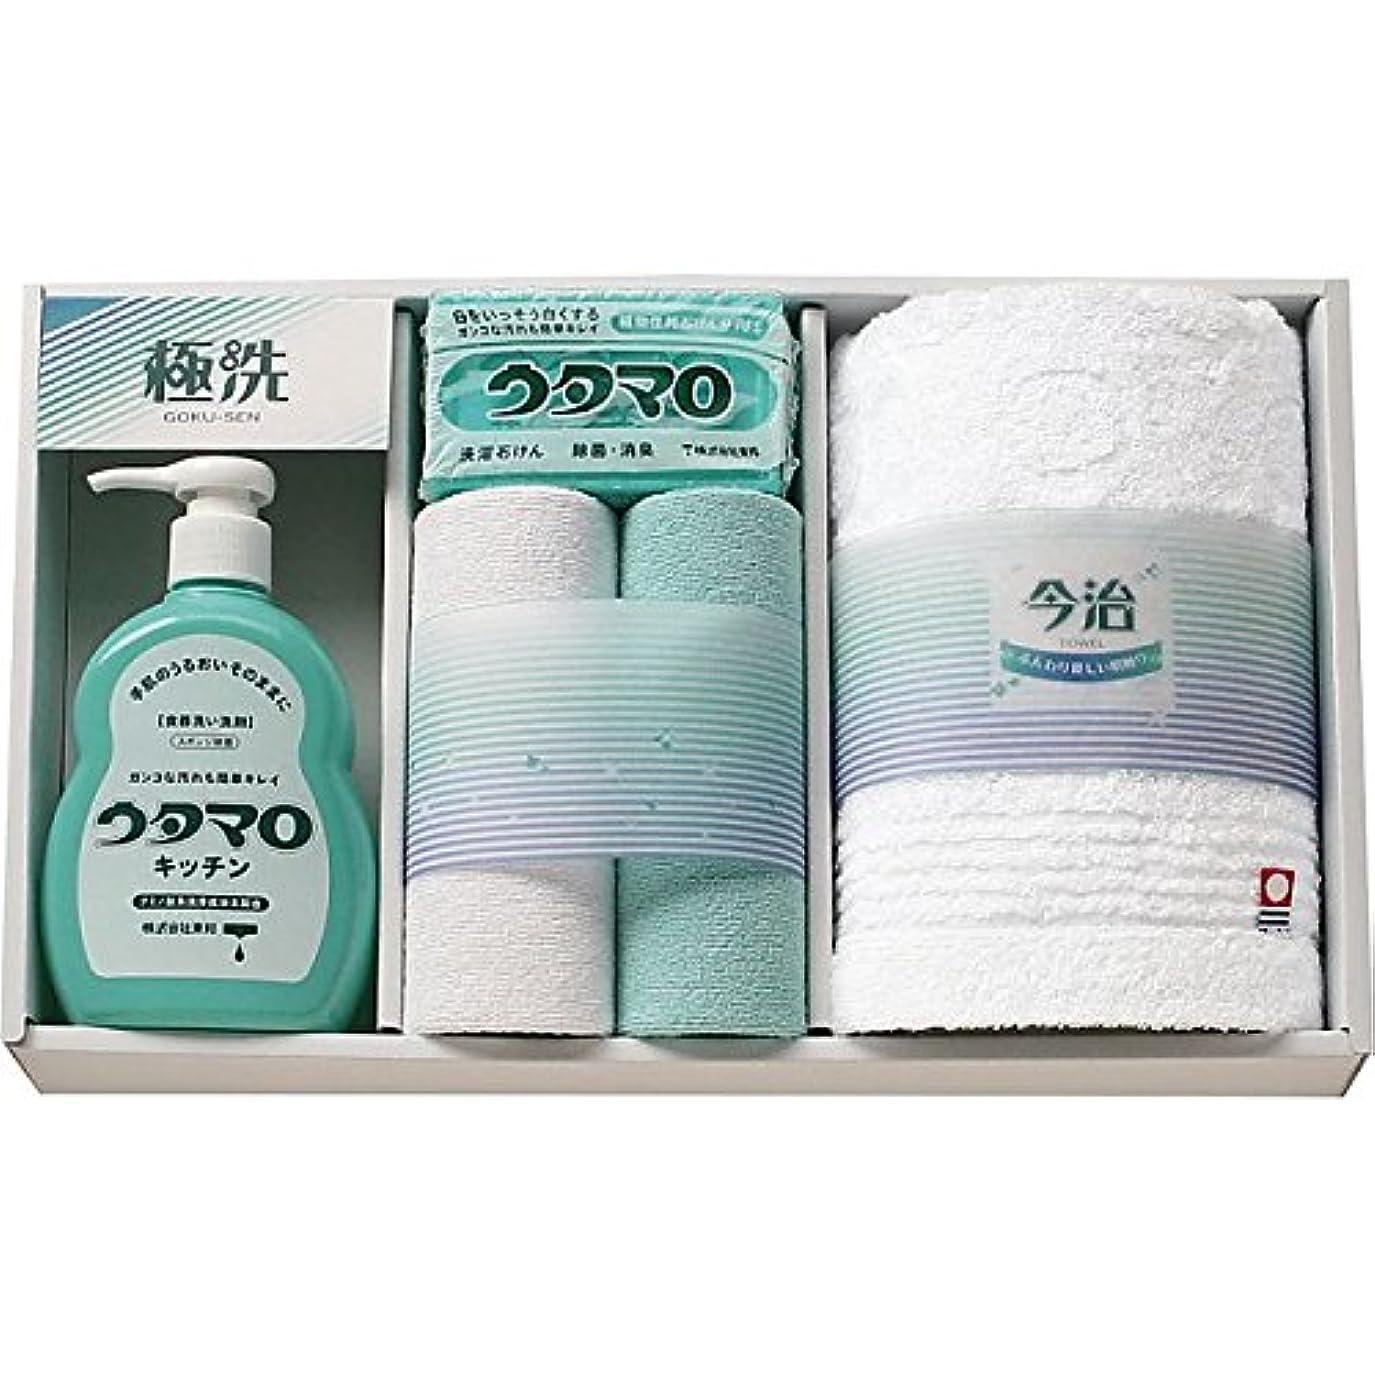 印をつける猫背欠伸( ウタマロ ) 石鹸?キッチン洗剤ギフト ( 835-1055r )